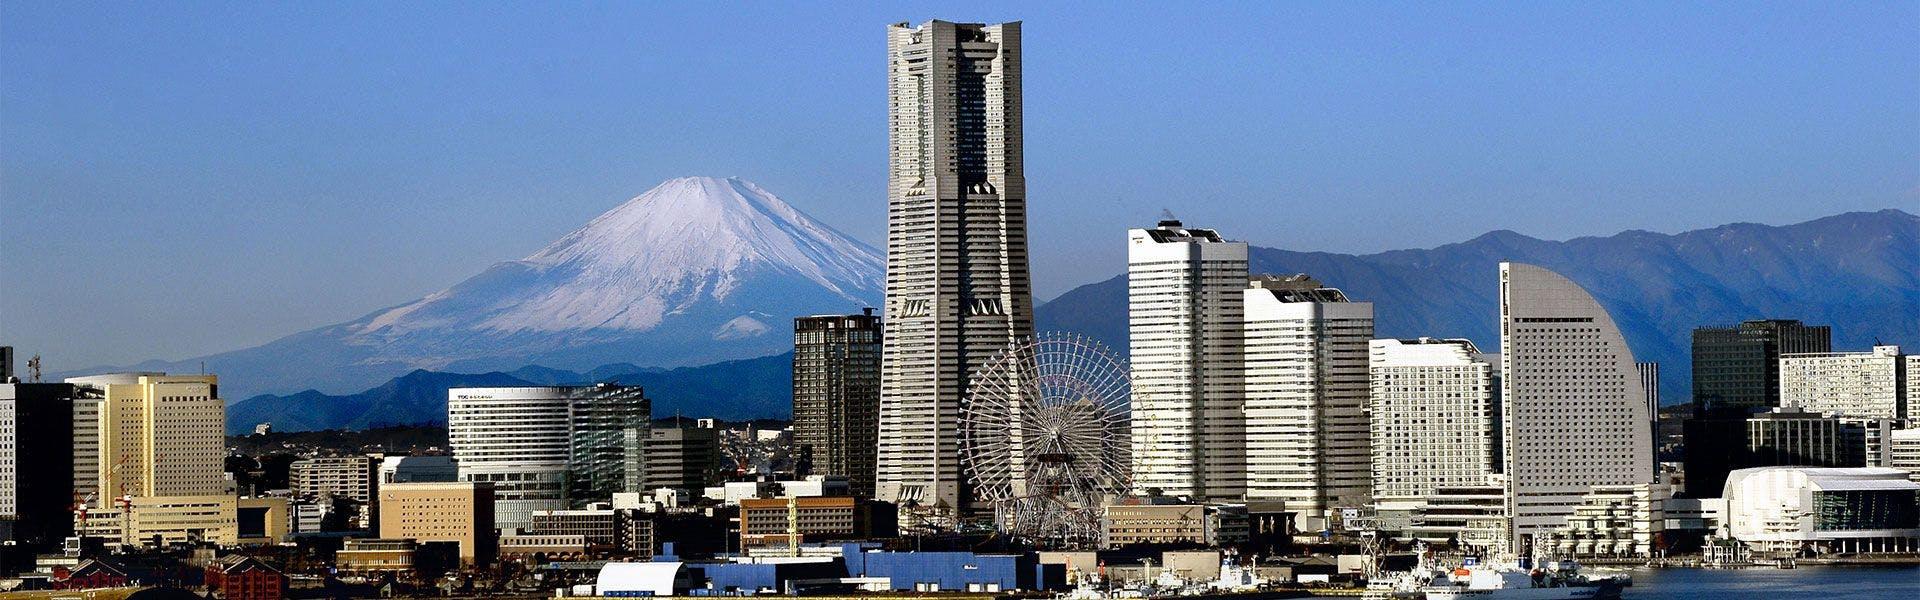 ホテル 横浜 高級 横浜で部屋食・ルームサービスがおすすめの高級ホテル・宿